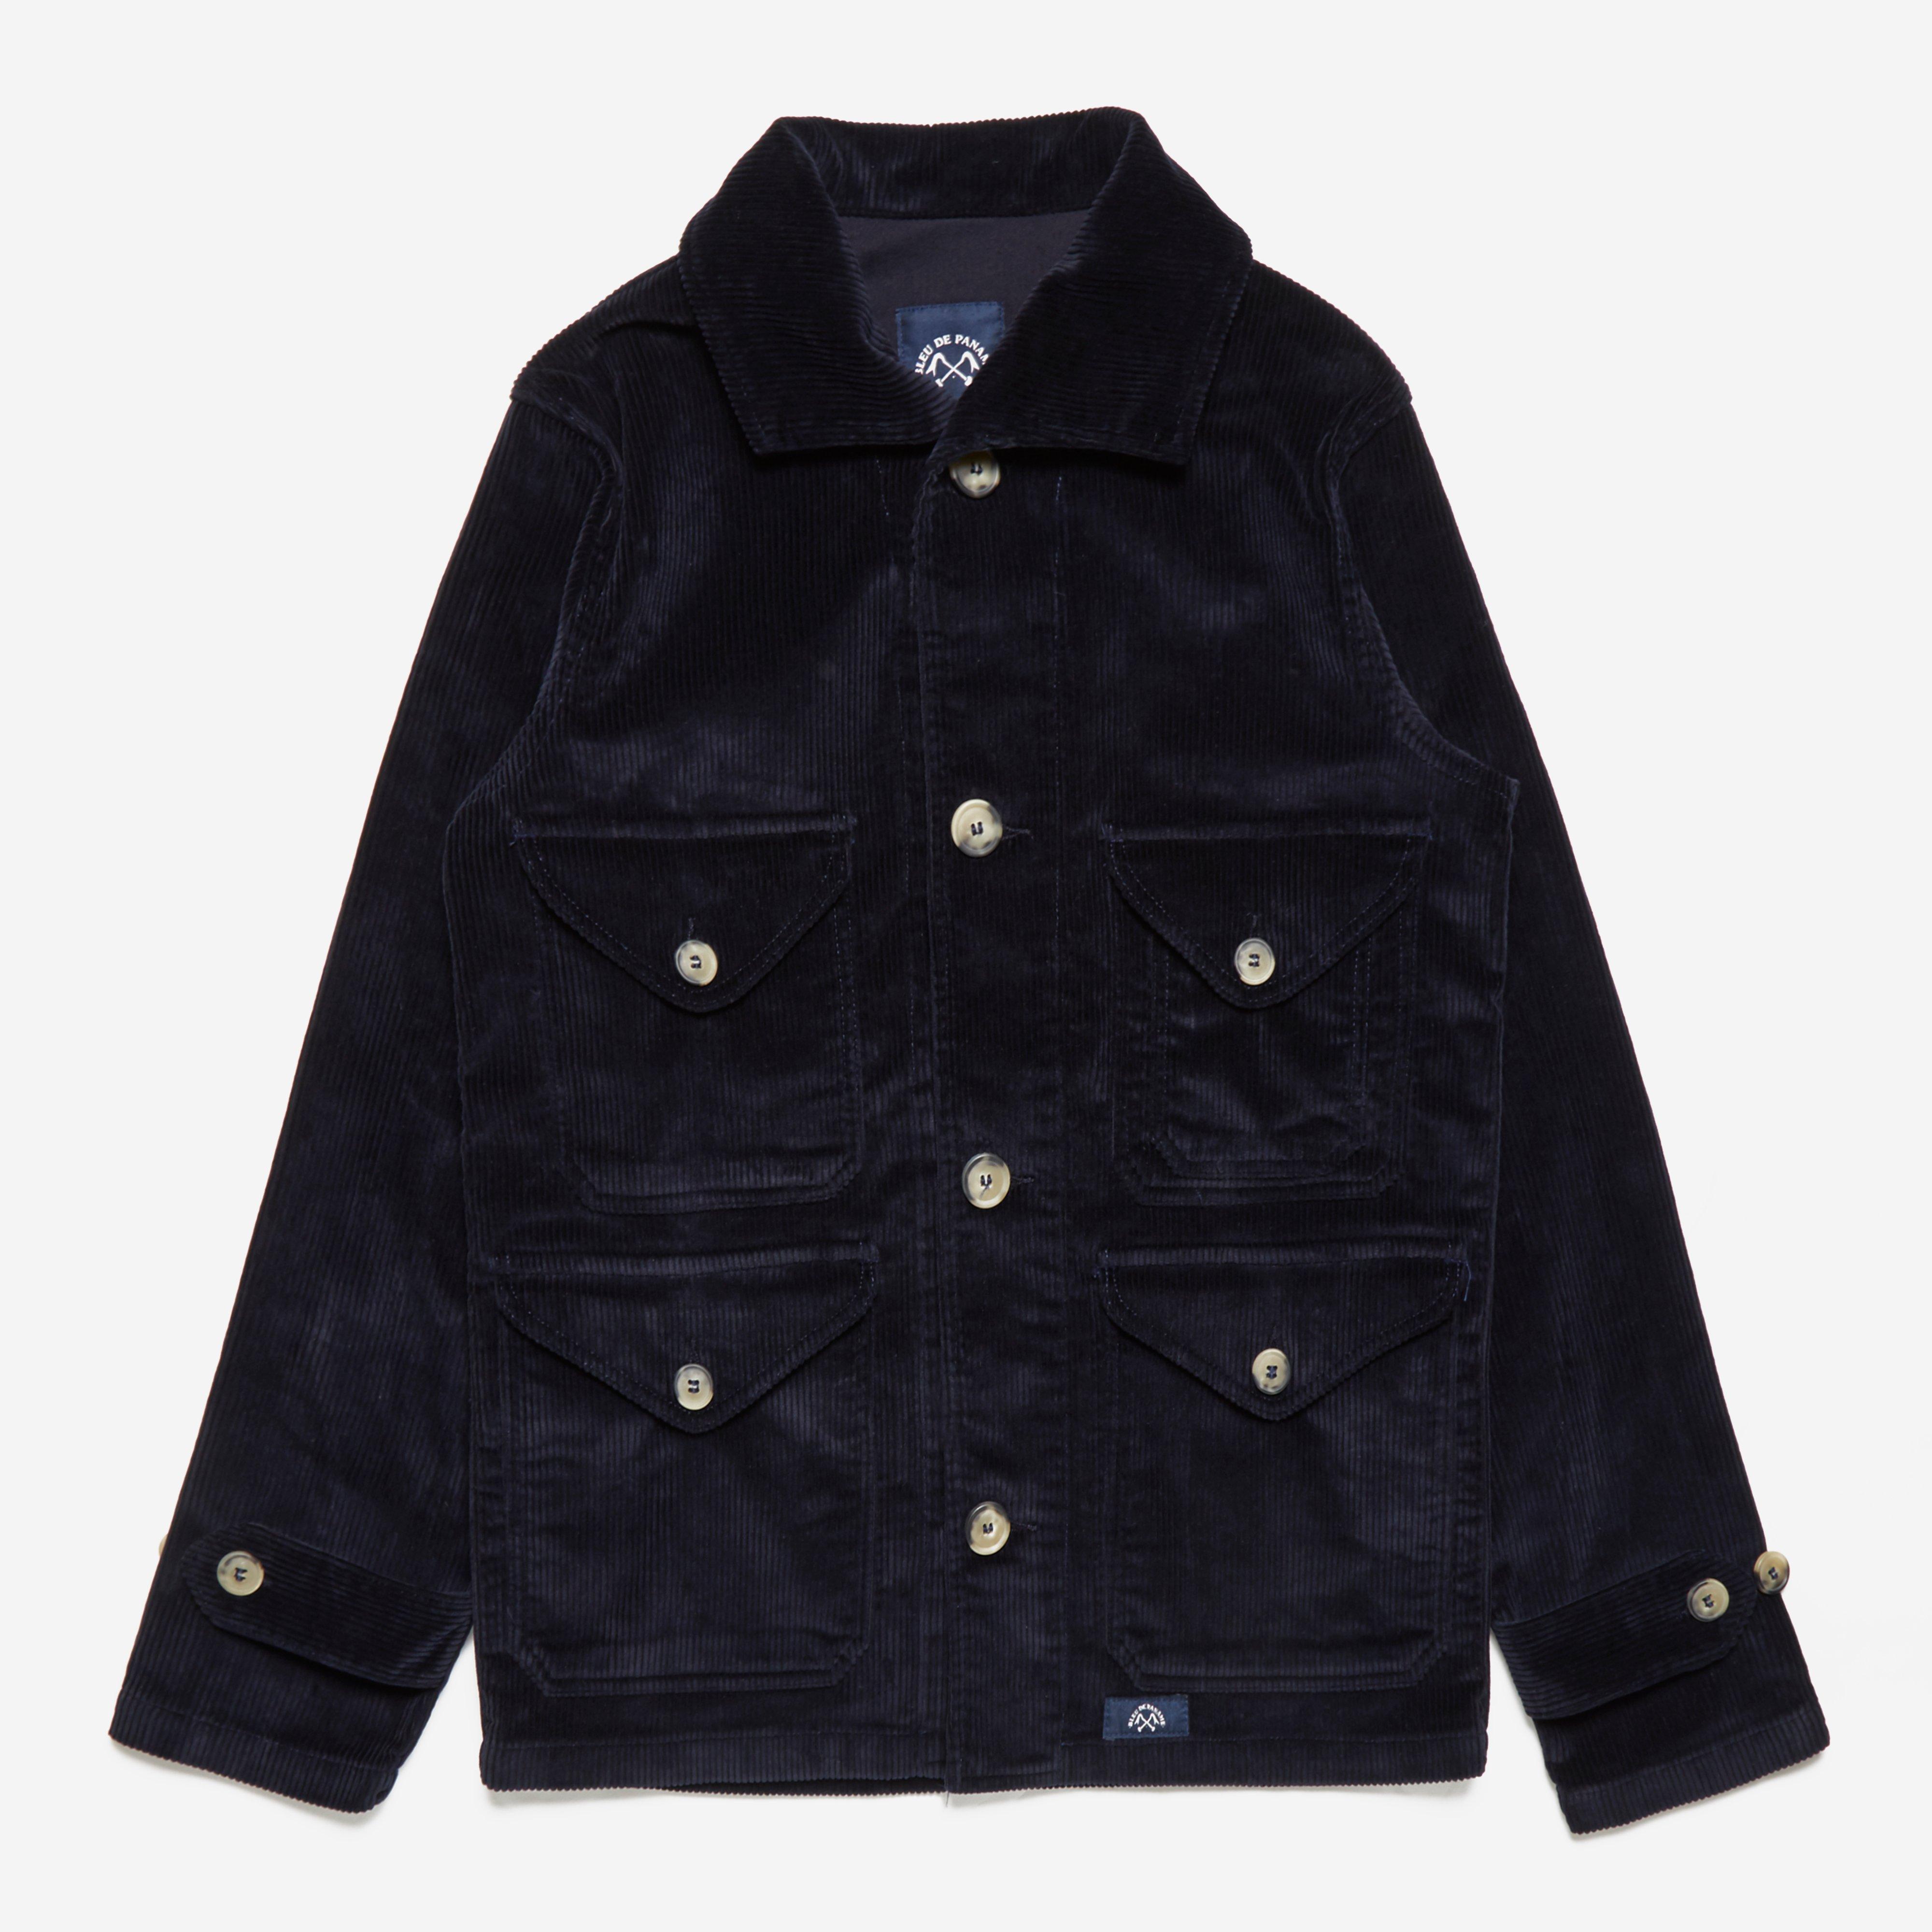 Bleu De Paname Veste De Chasse Corduroy Jacket